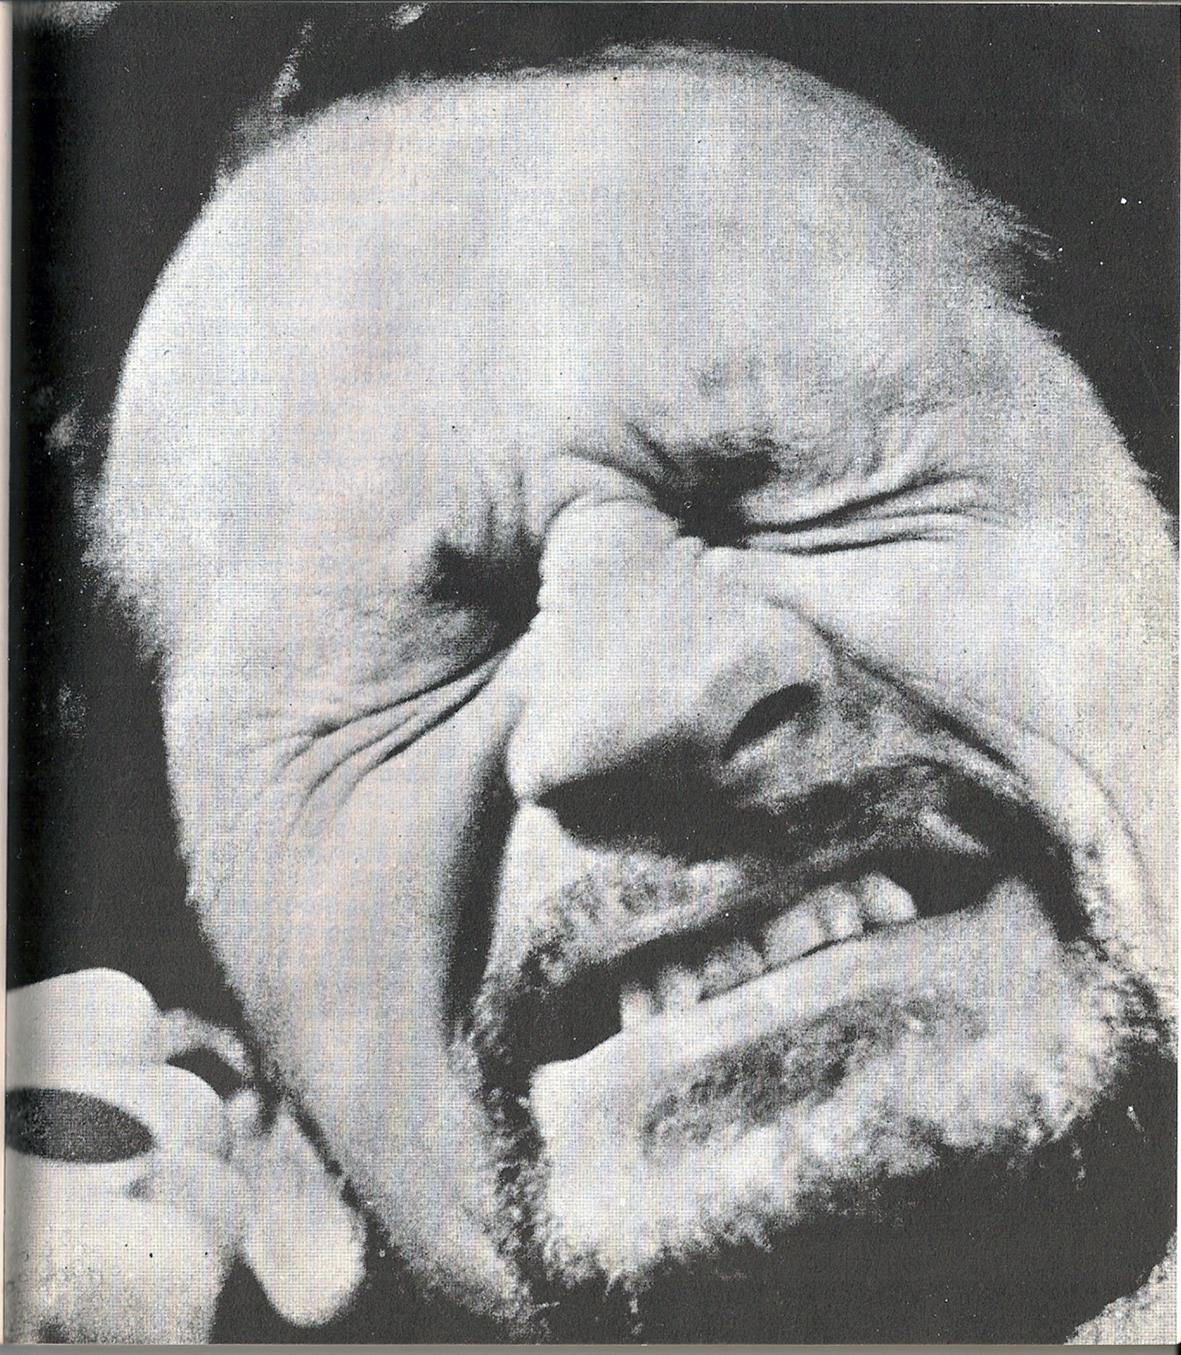 LSD in Planet Magazin 1970